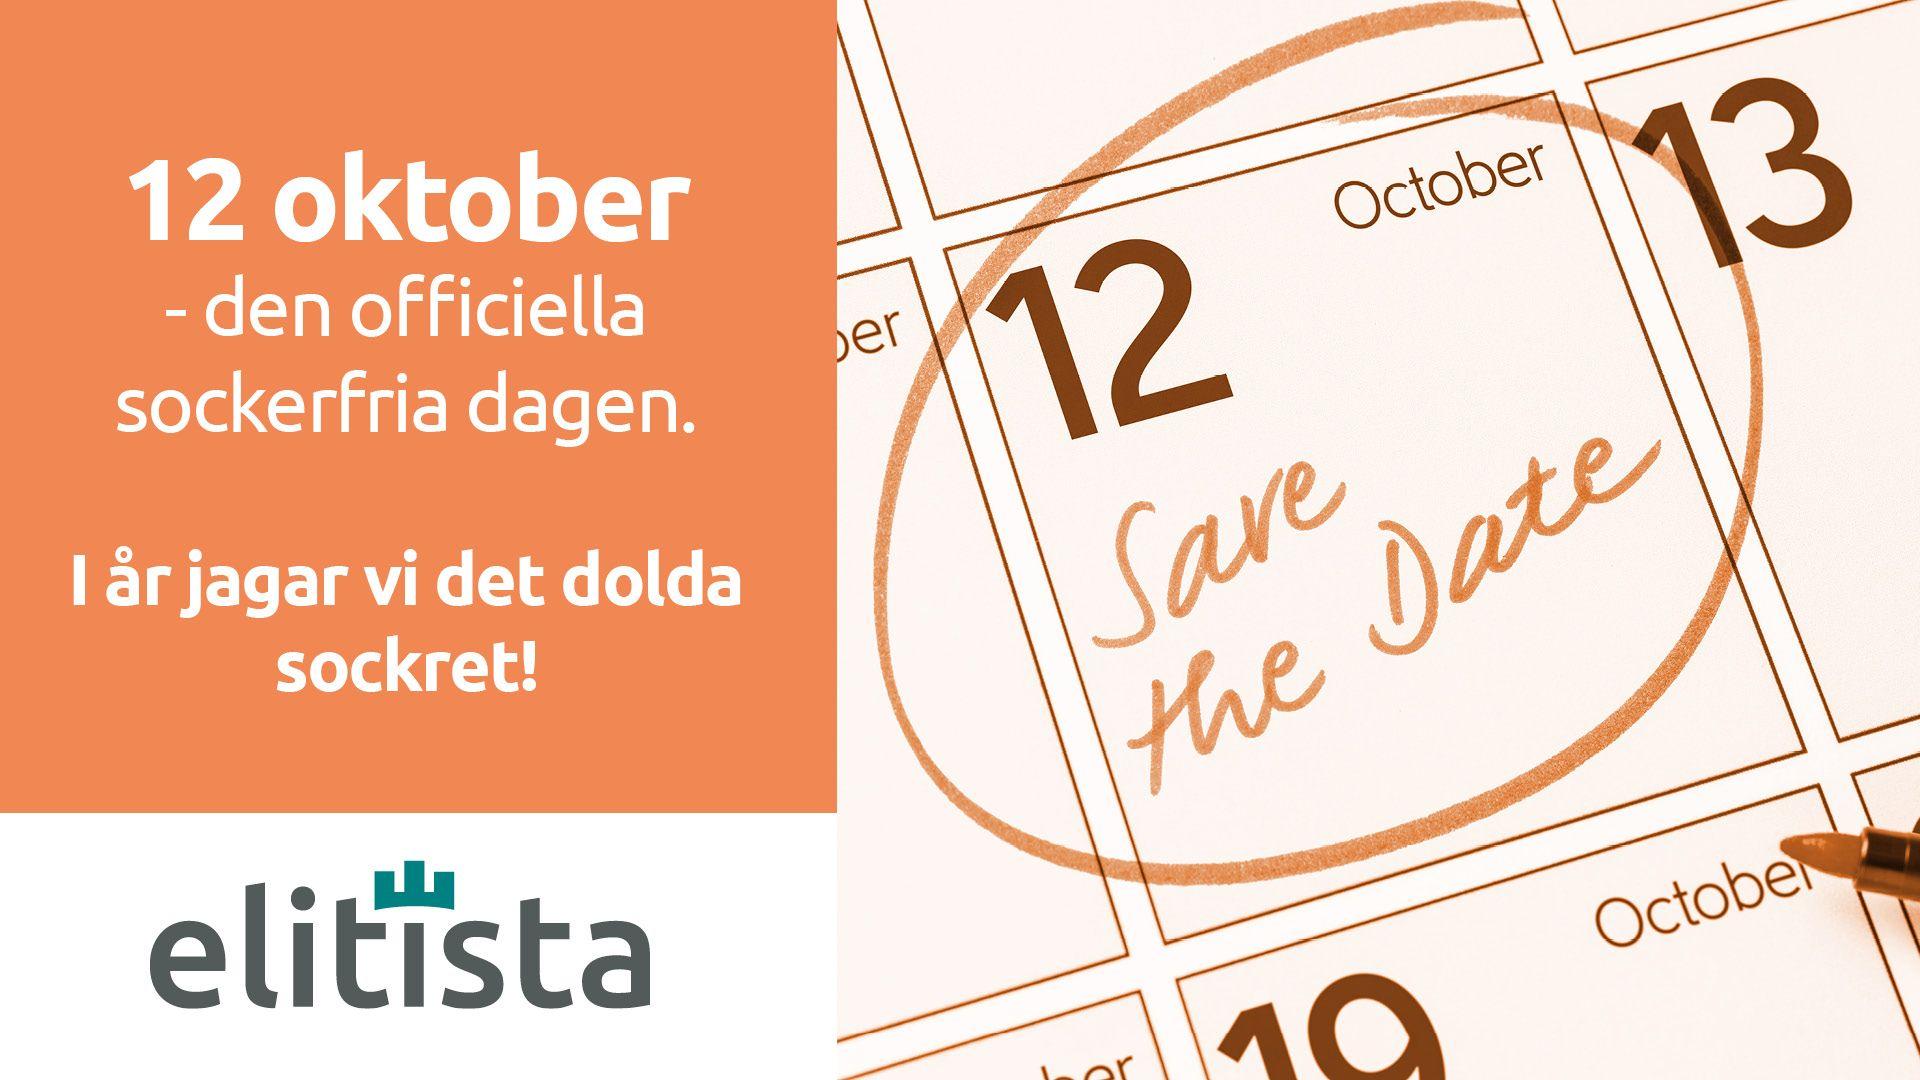 12 oktober Officiella sockerfria dagen - flyer